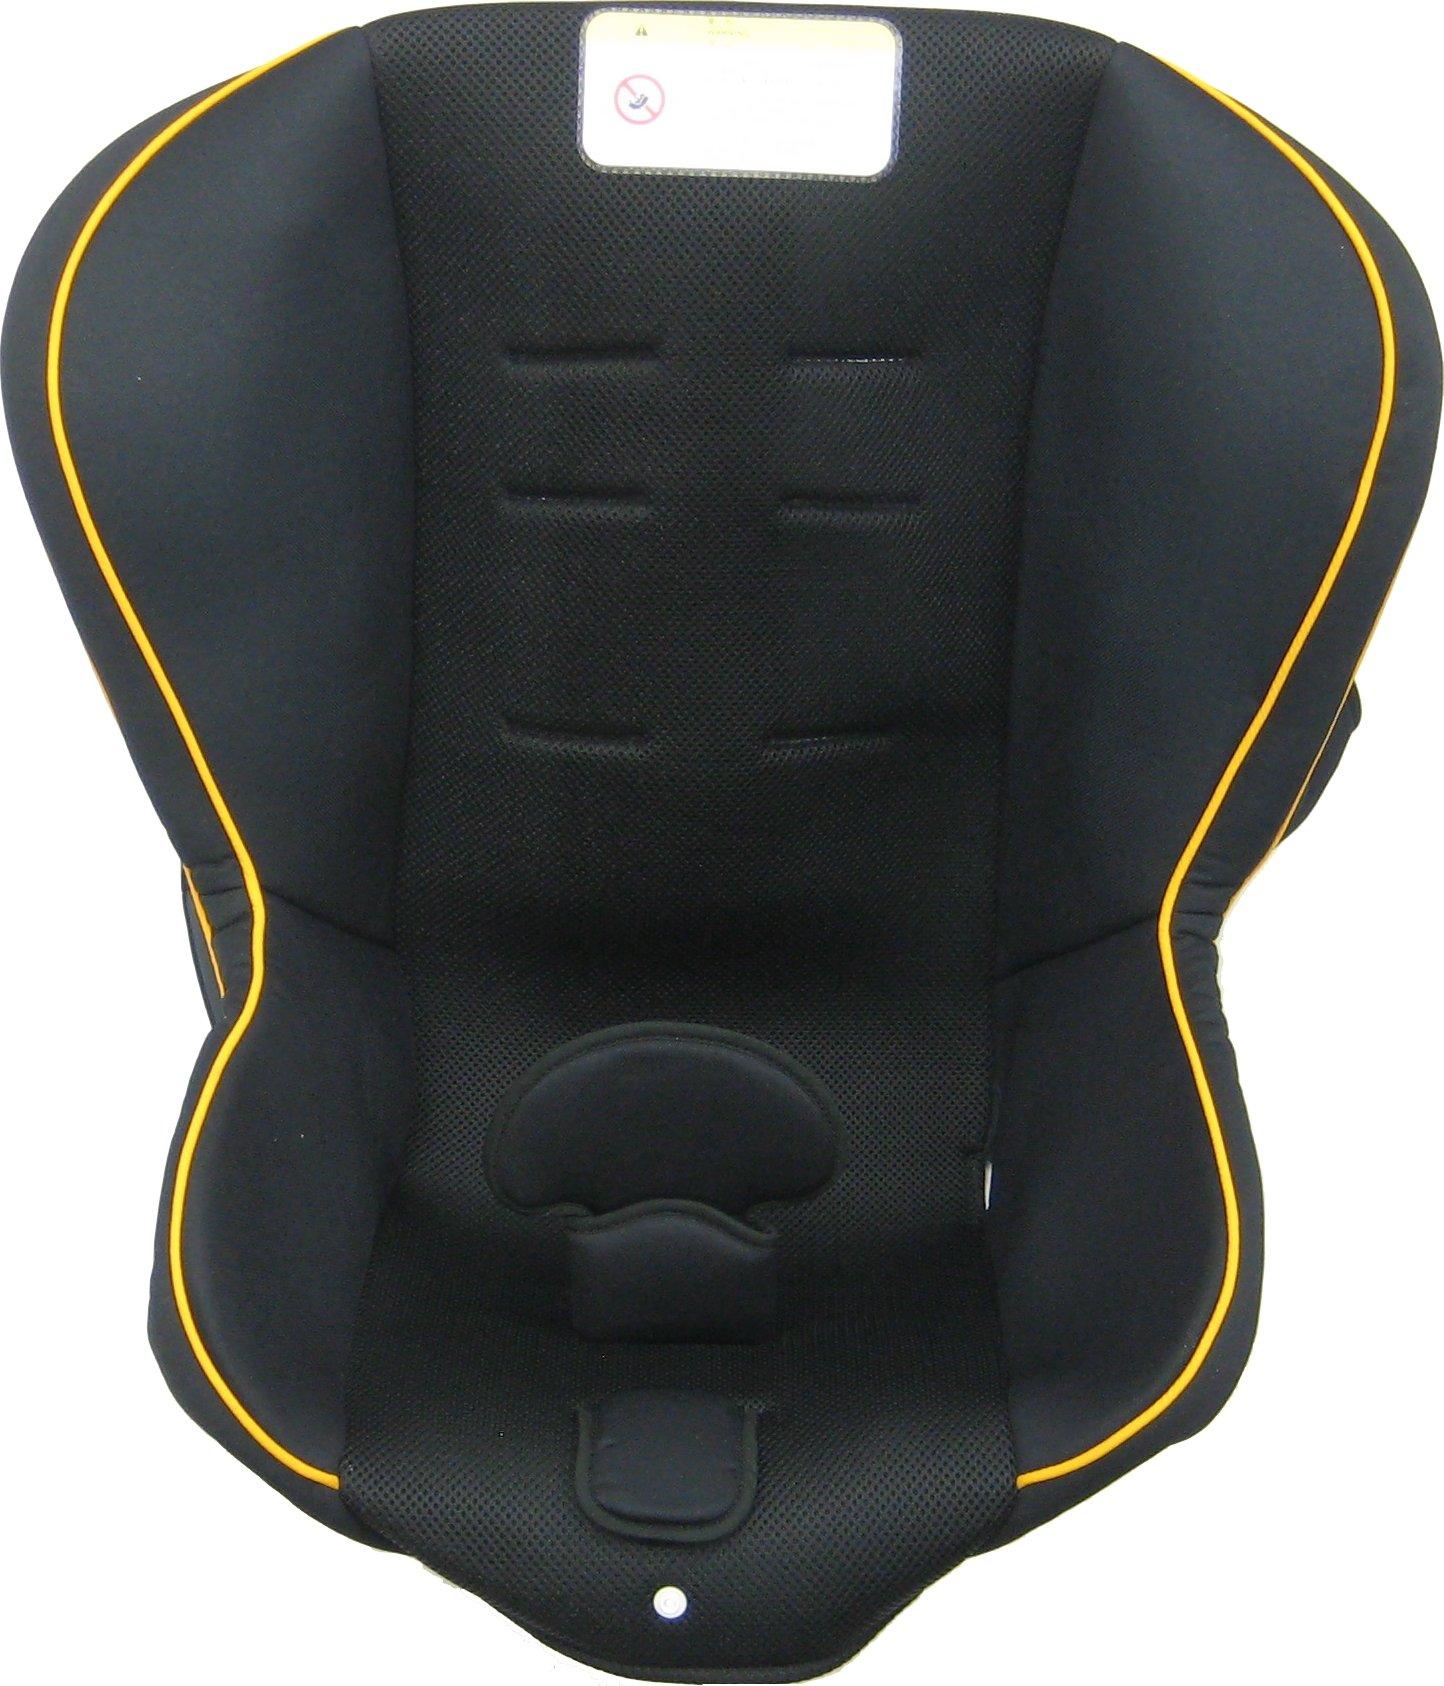 Takata seat cushion (takata04-ifix black / for Orange) AFSTC-021